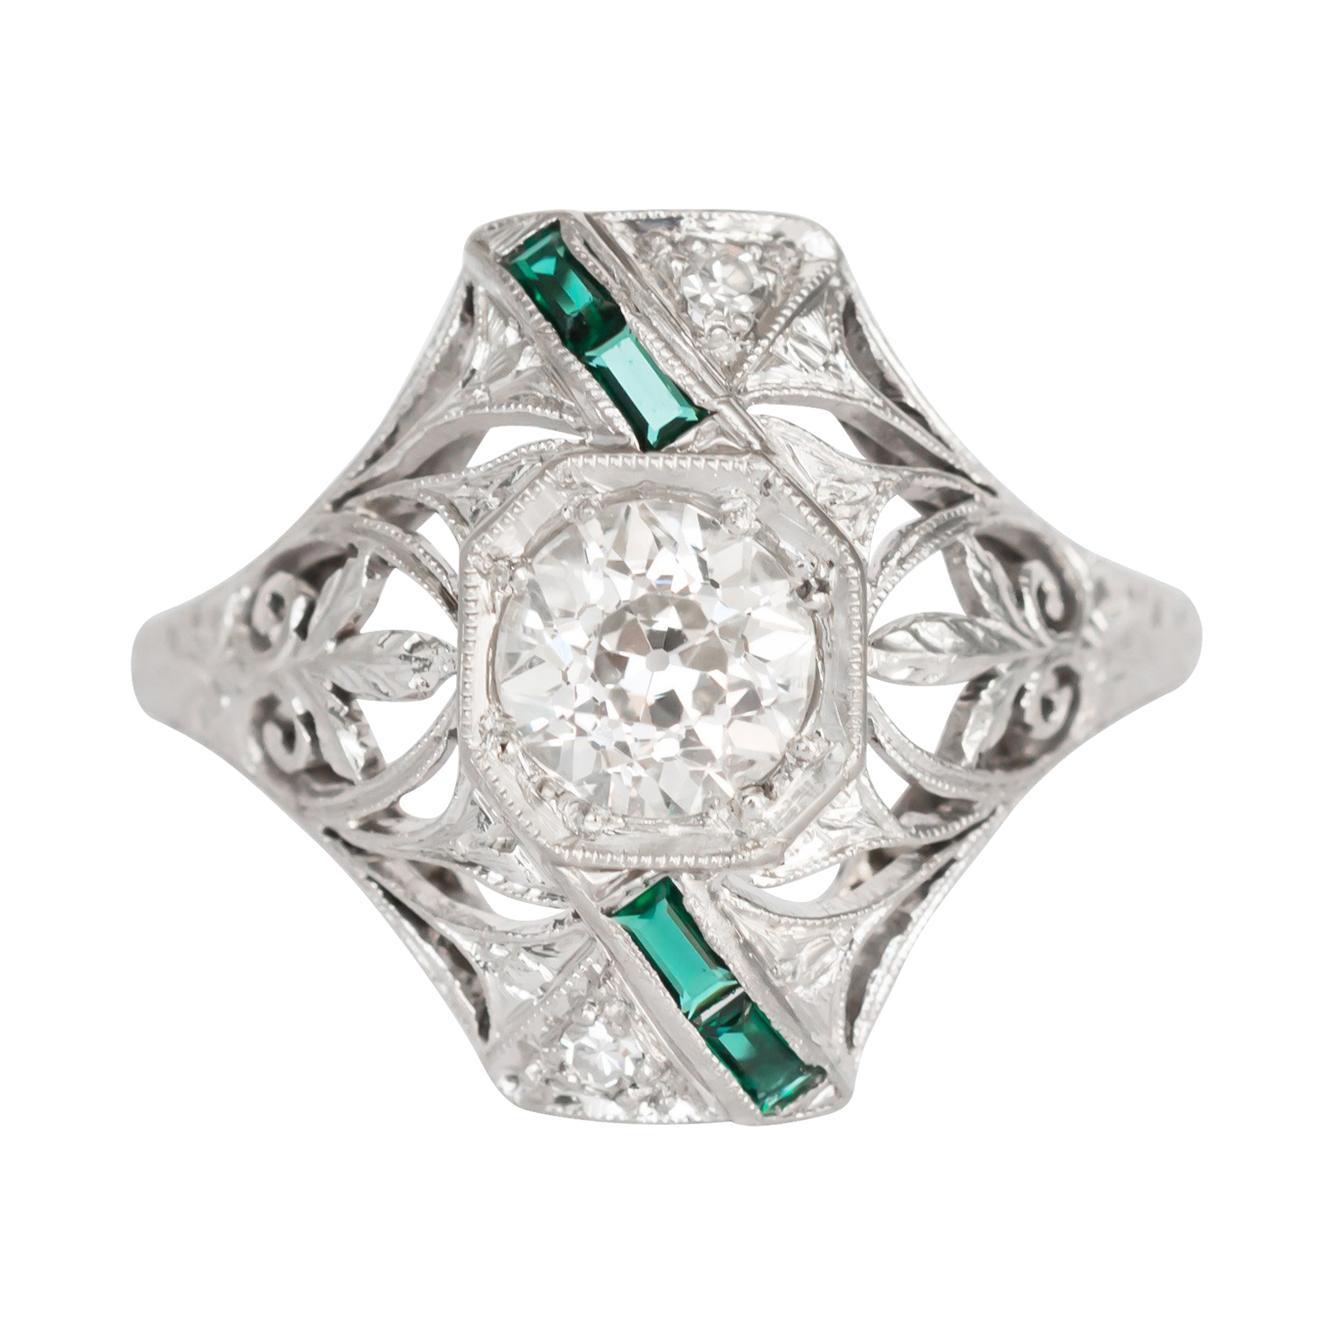 GIA Certified .90 Carat Diamond Platinum Engagement Ring